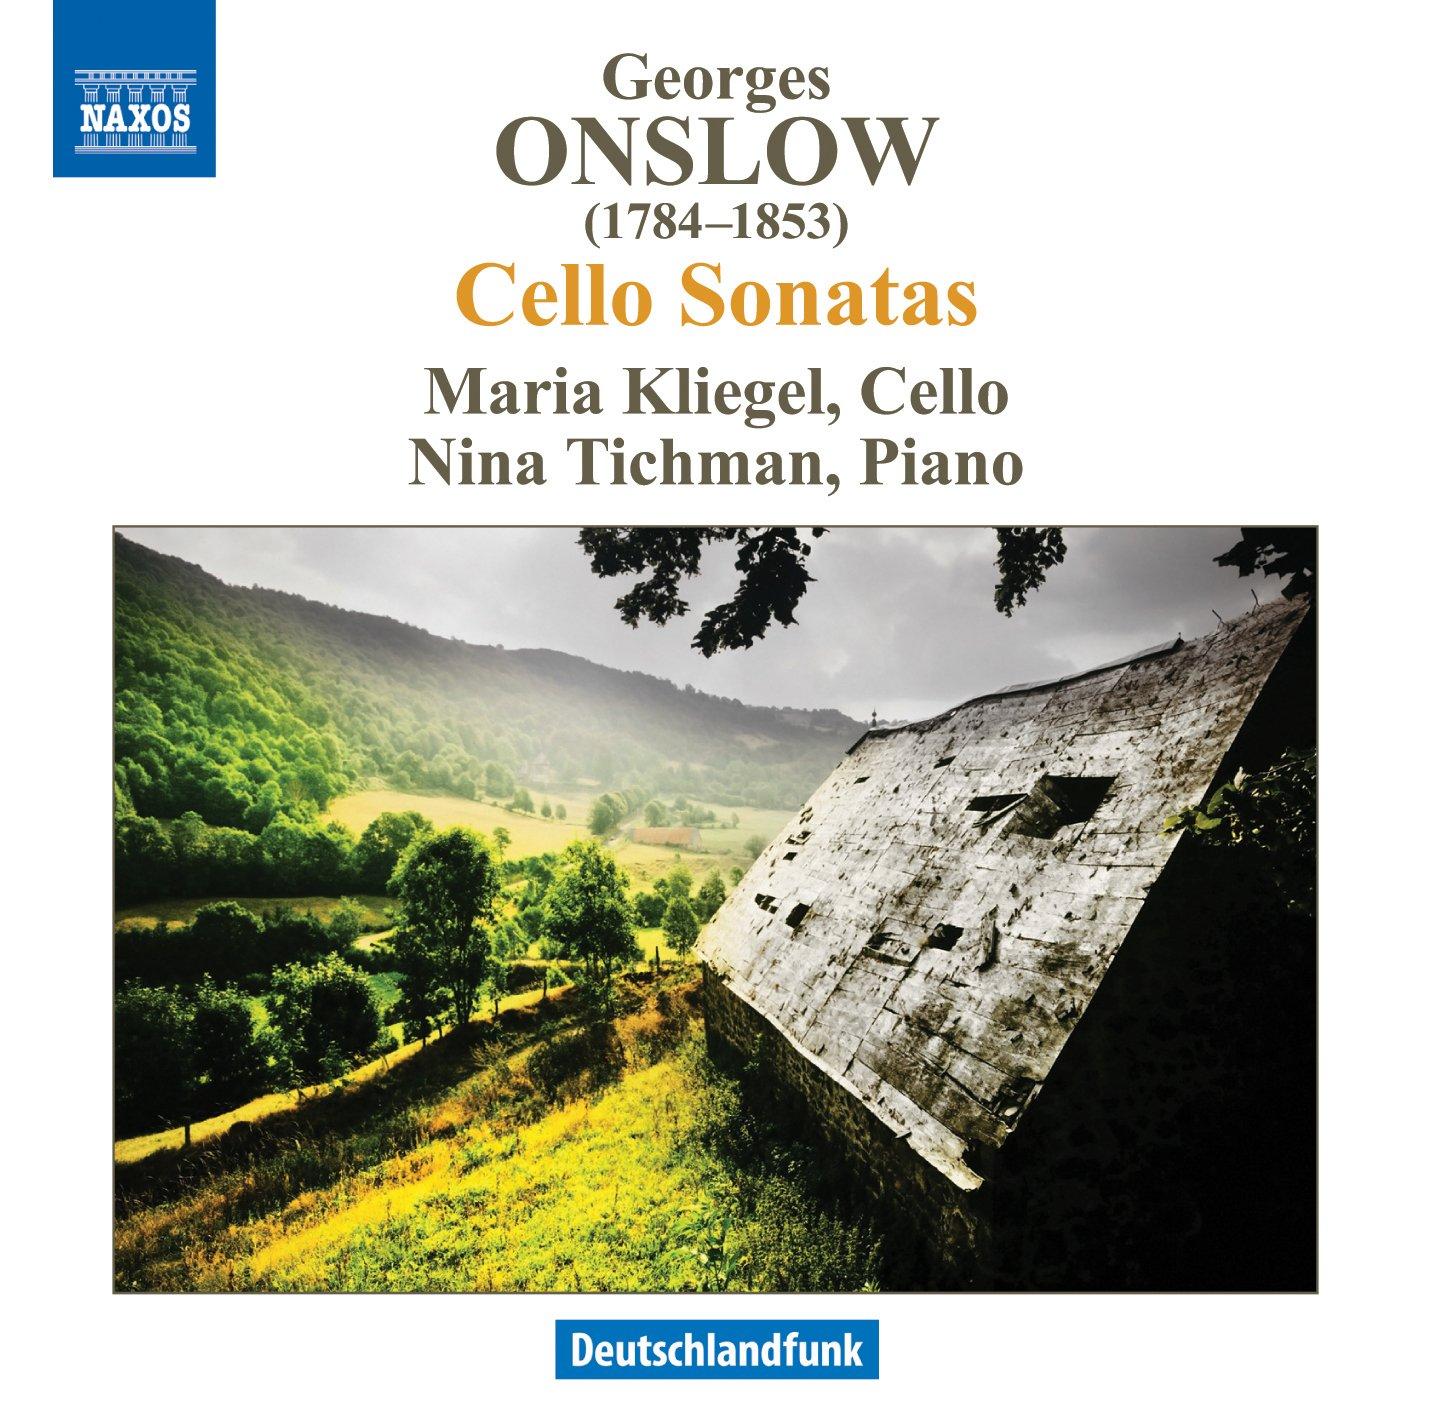 """Risultato immagini per onslow naxos cello"""""""